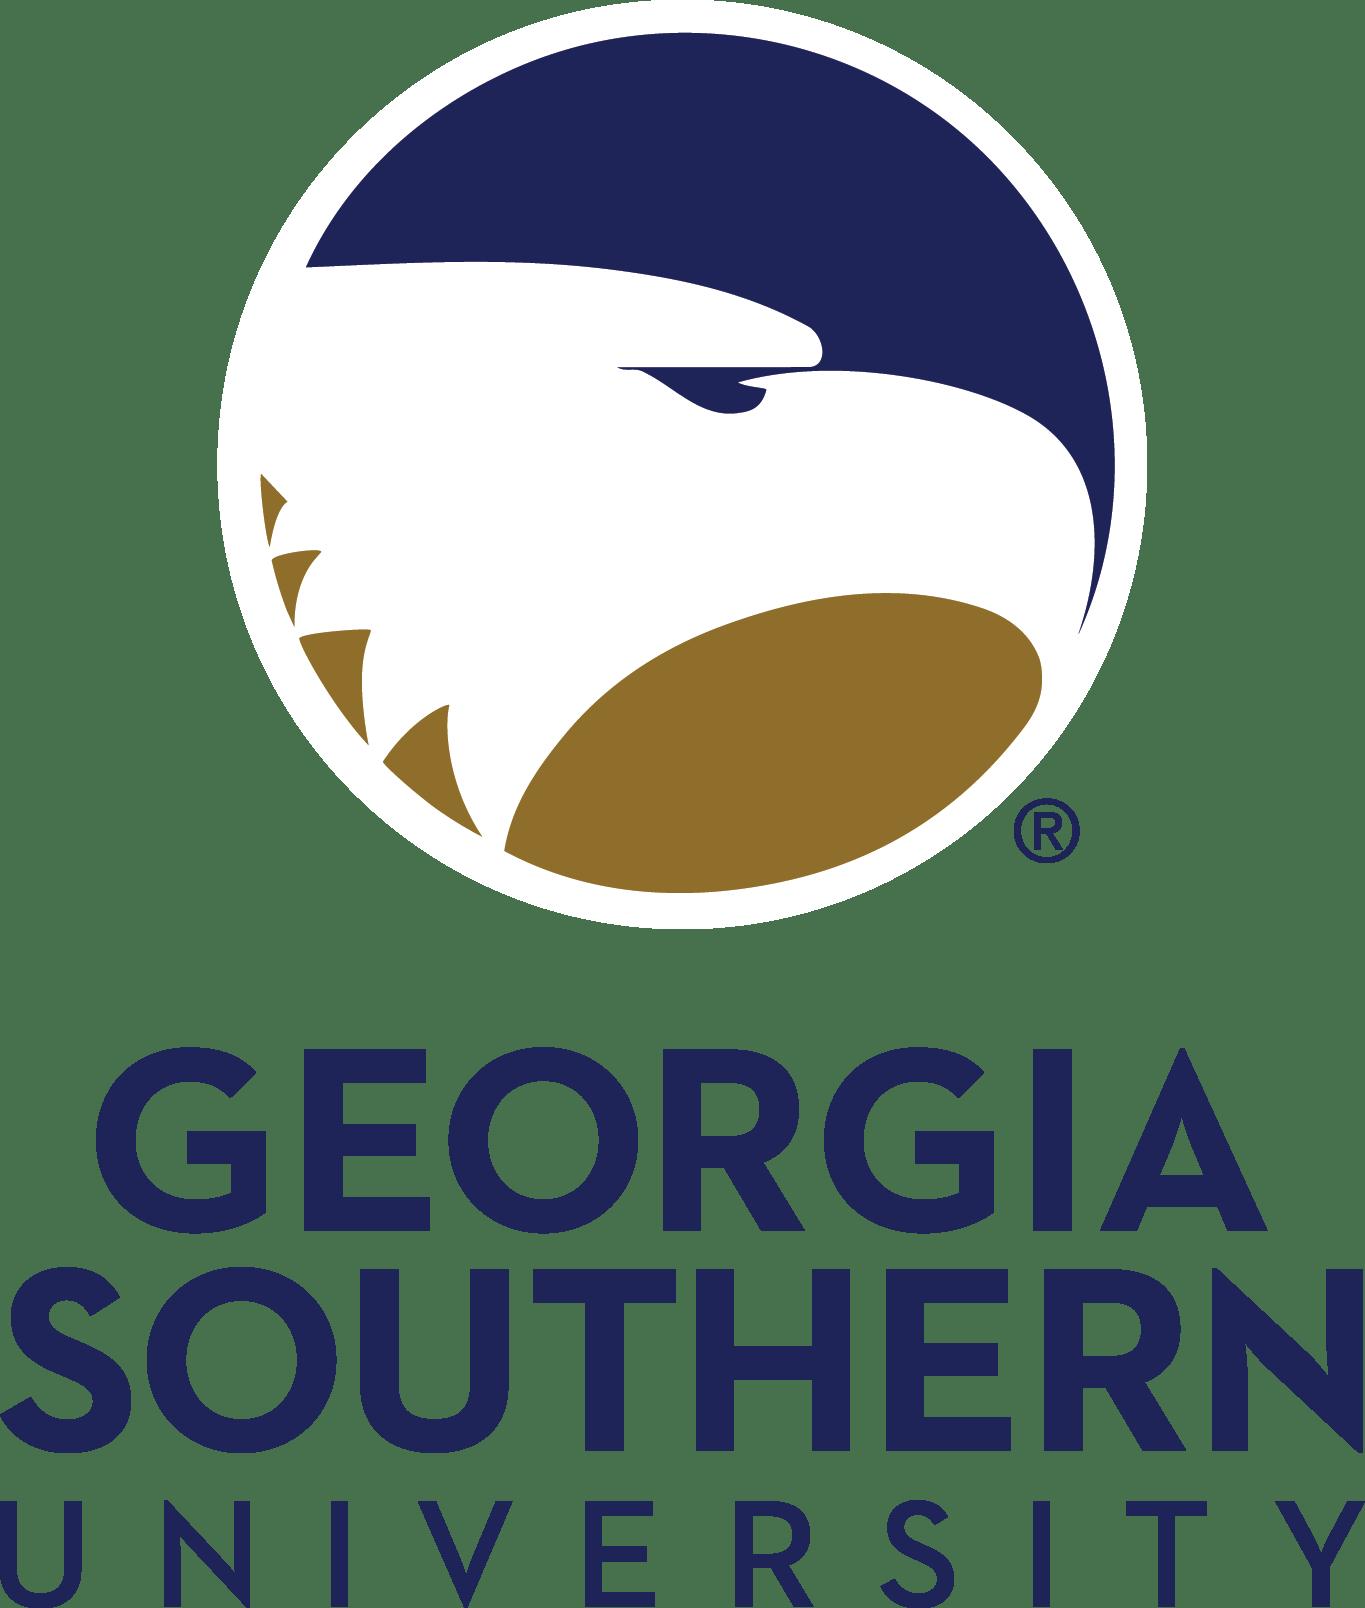 georgia-southern-logo2_187508